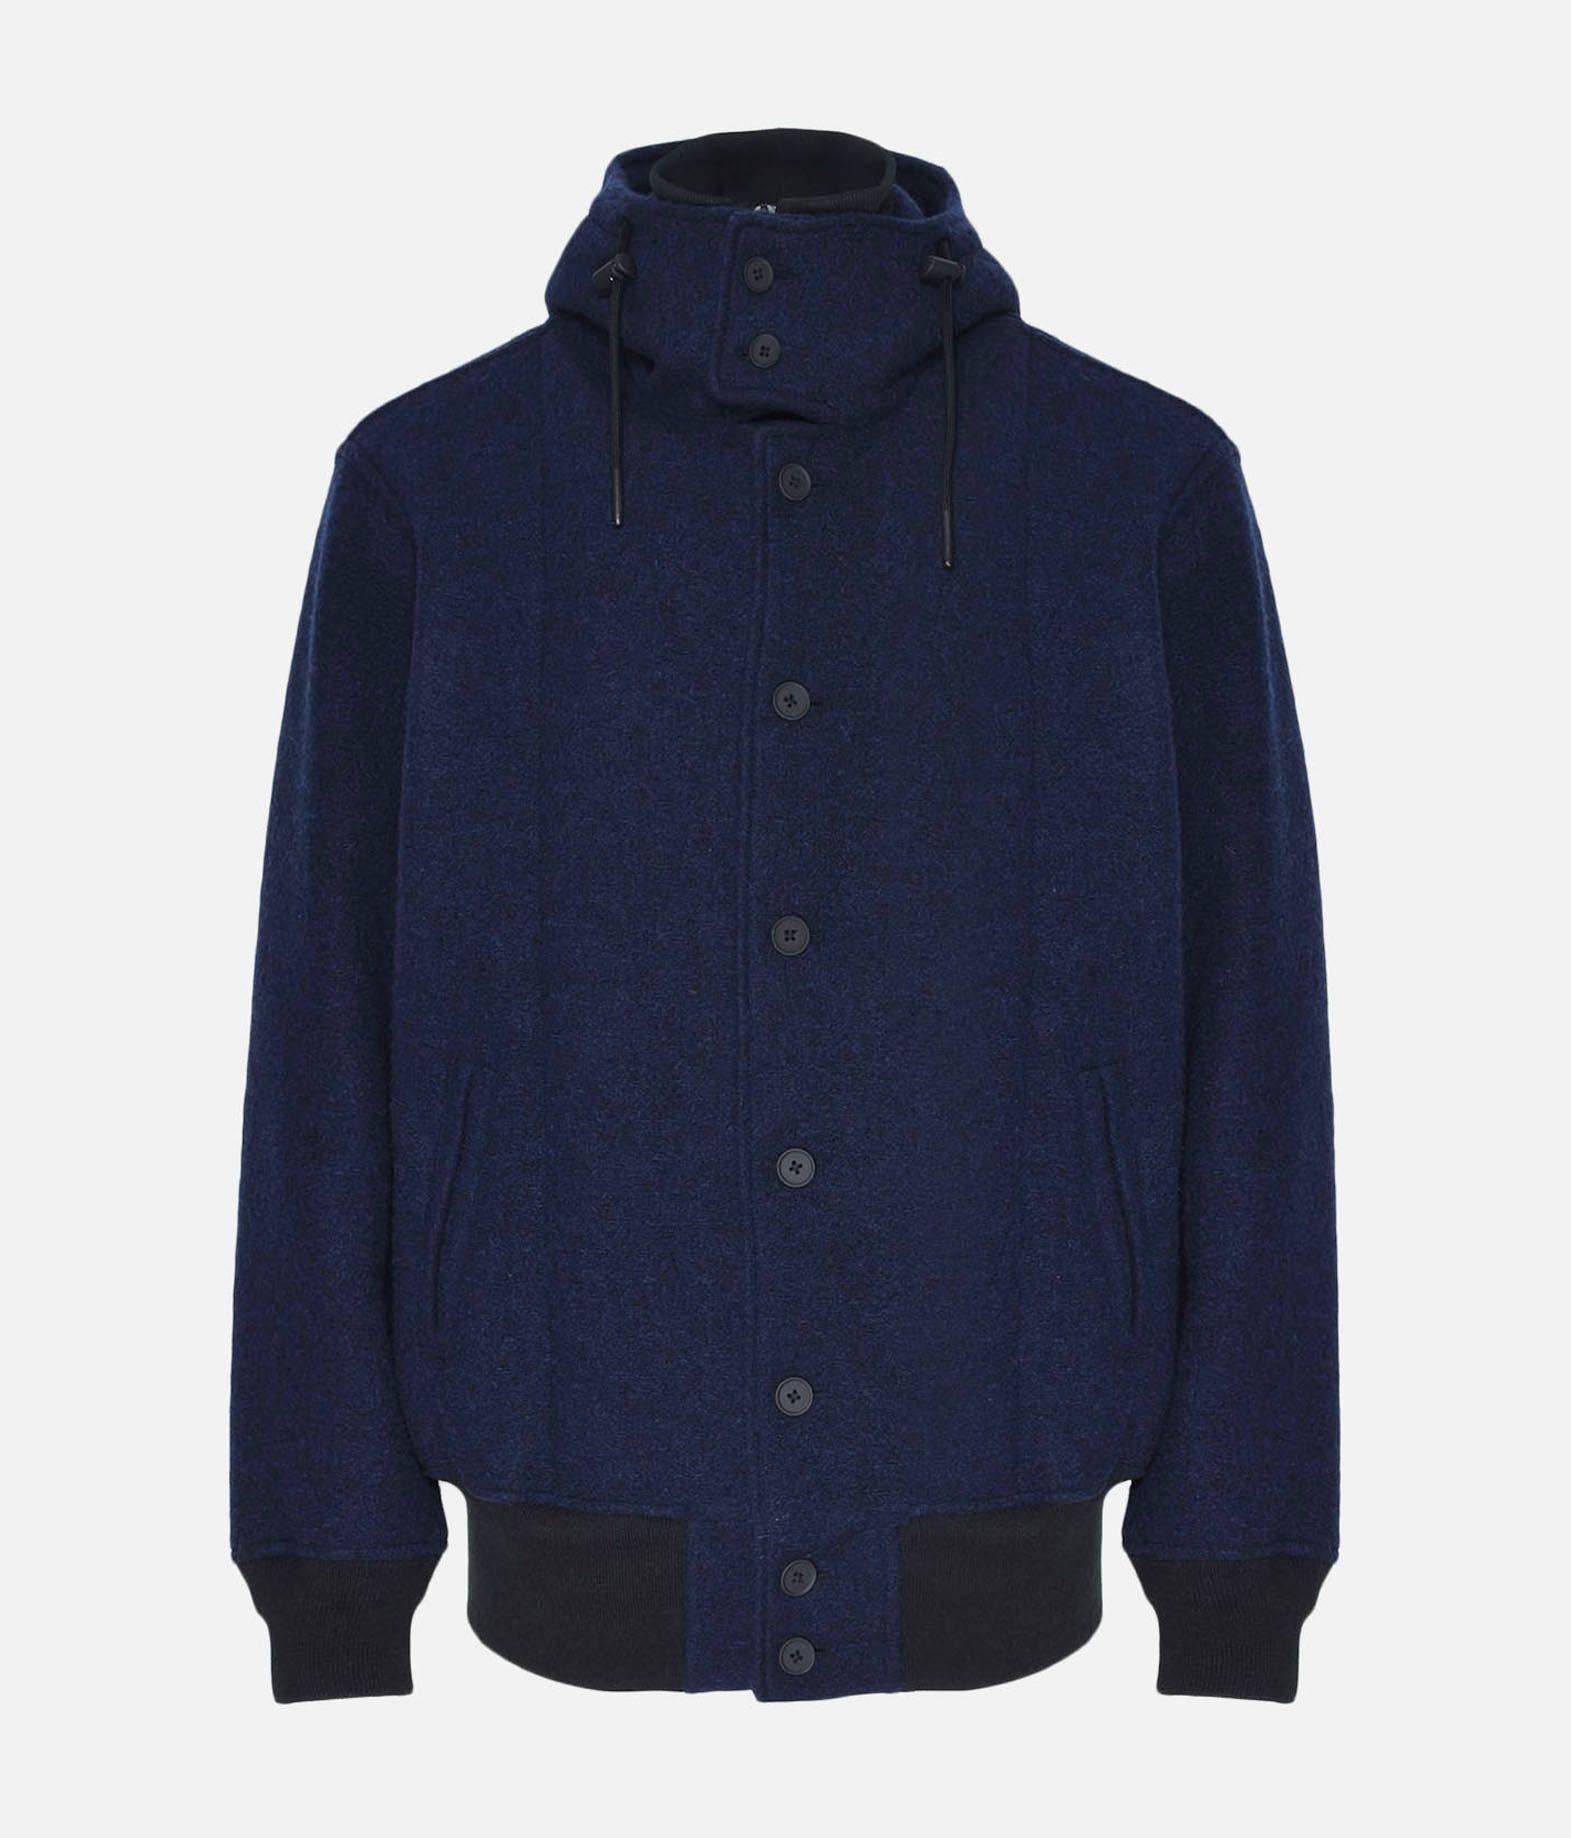 Y-3 Y-3 Wool Jacket フォーマルジャケット メンズ f